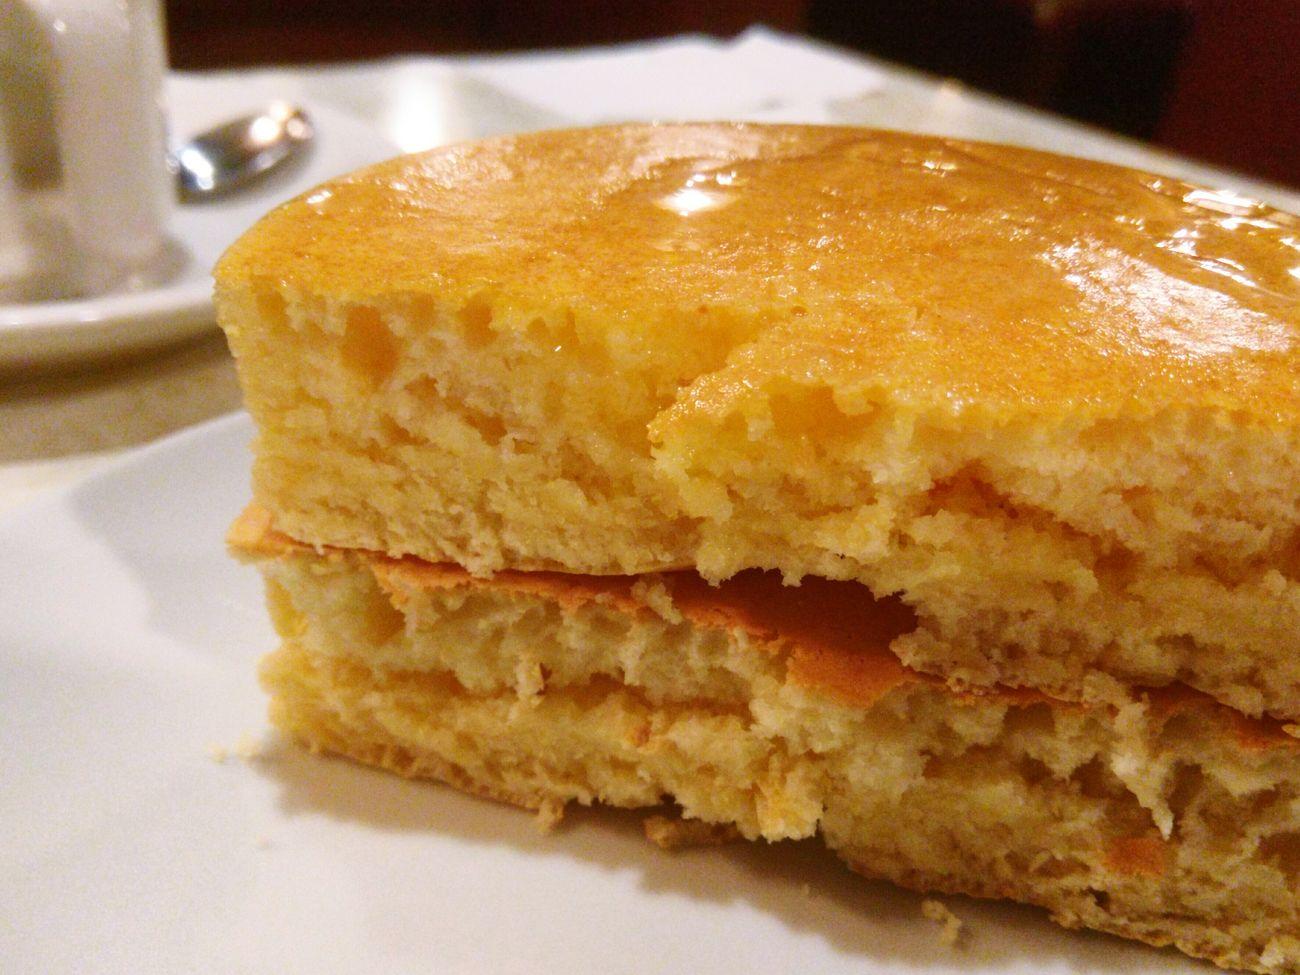 喫茶店 ホットケーキ Hotcakes 美しき 断面